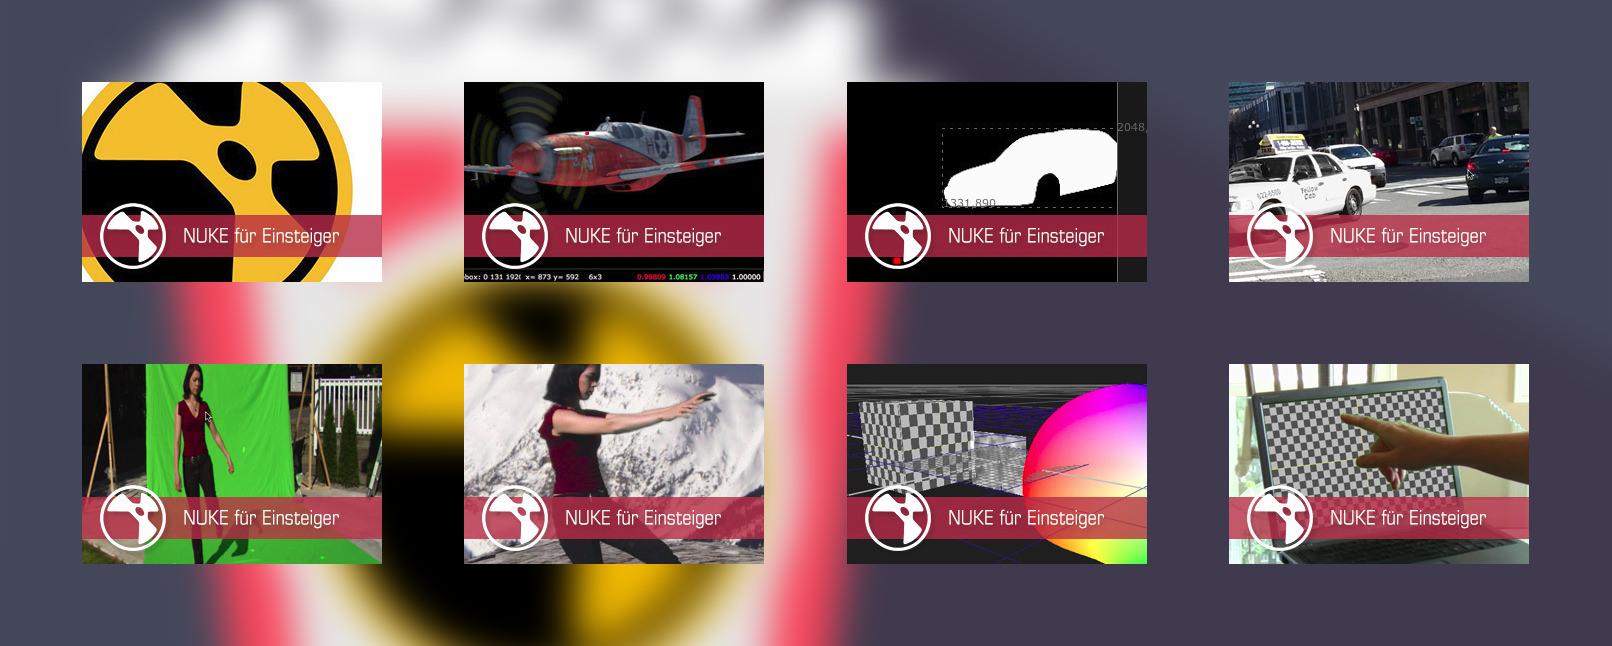 The Foundry NUKE ist eine preisgekrönte Software für Video-Editing. Dieses Tutorial zeigt dir, wie du bahnbrechende visuelle Effekte damit erzeugst.